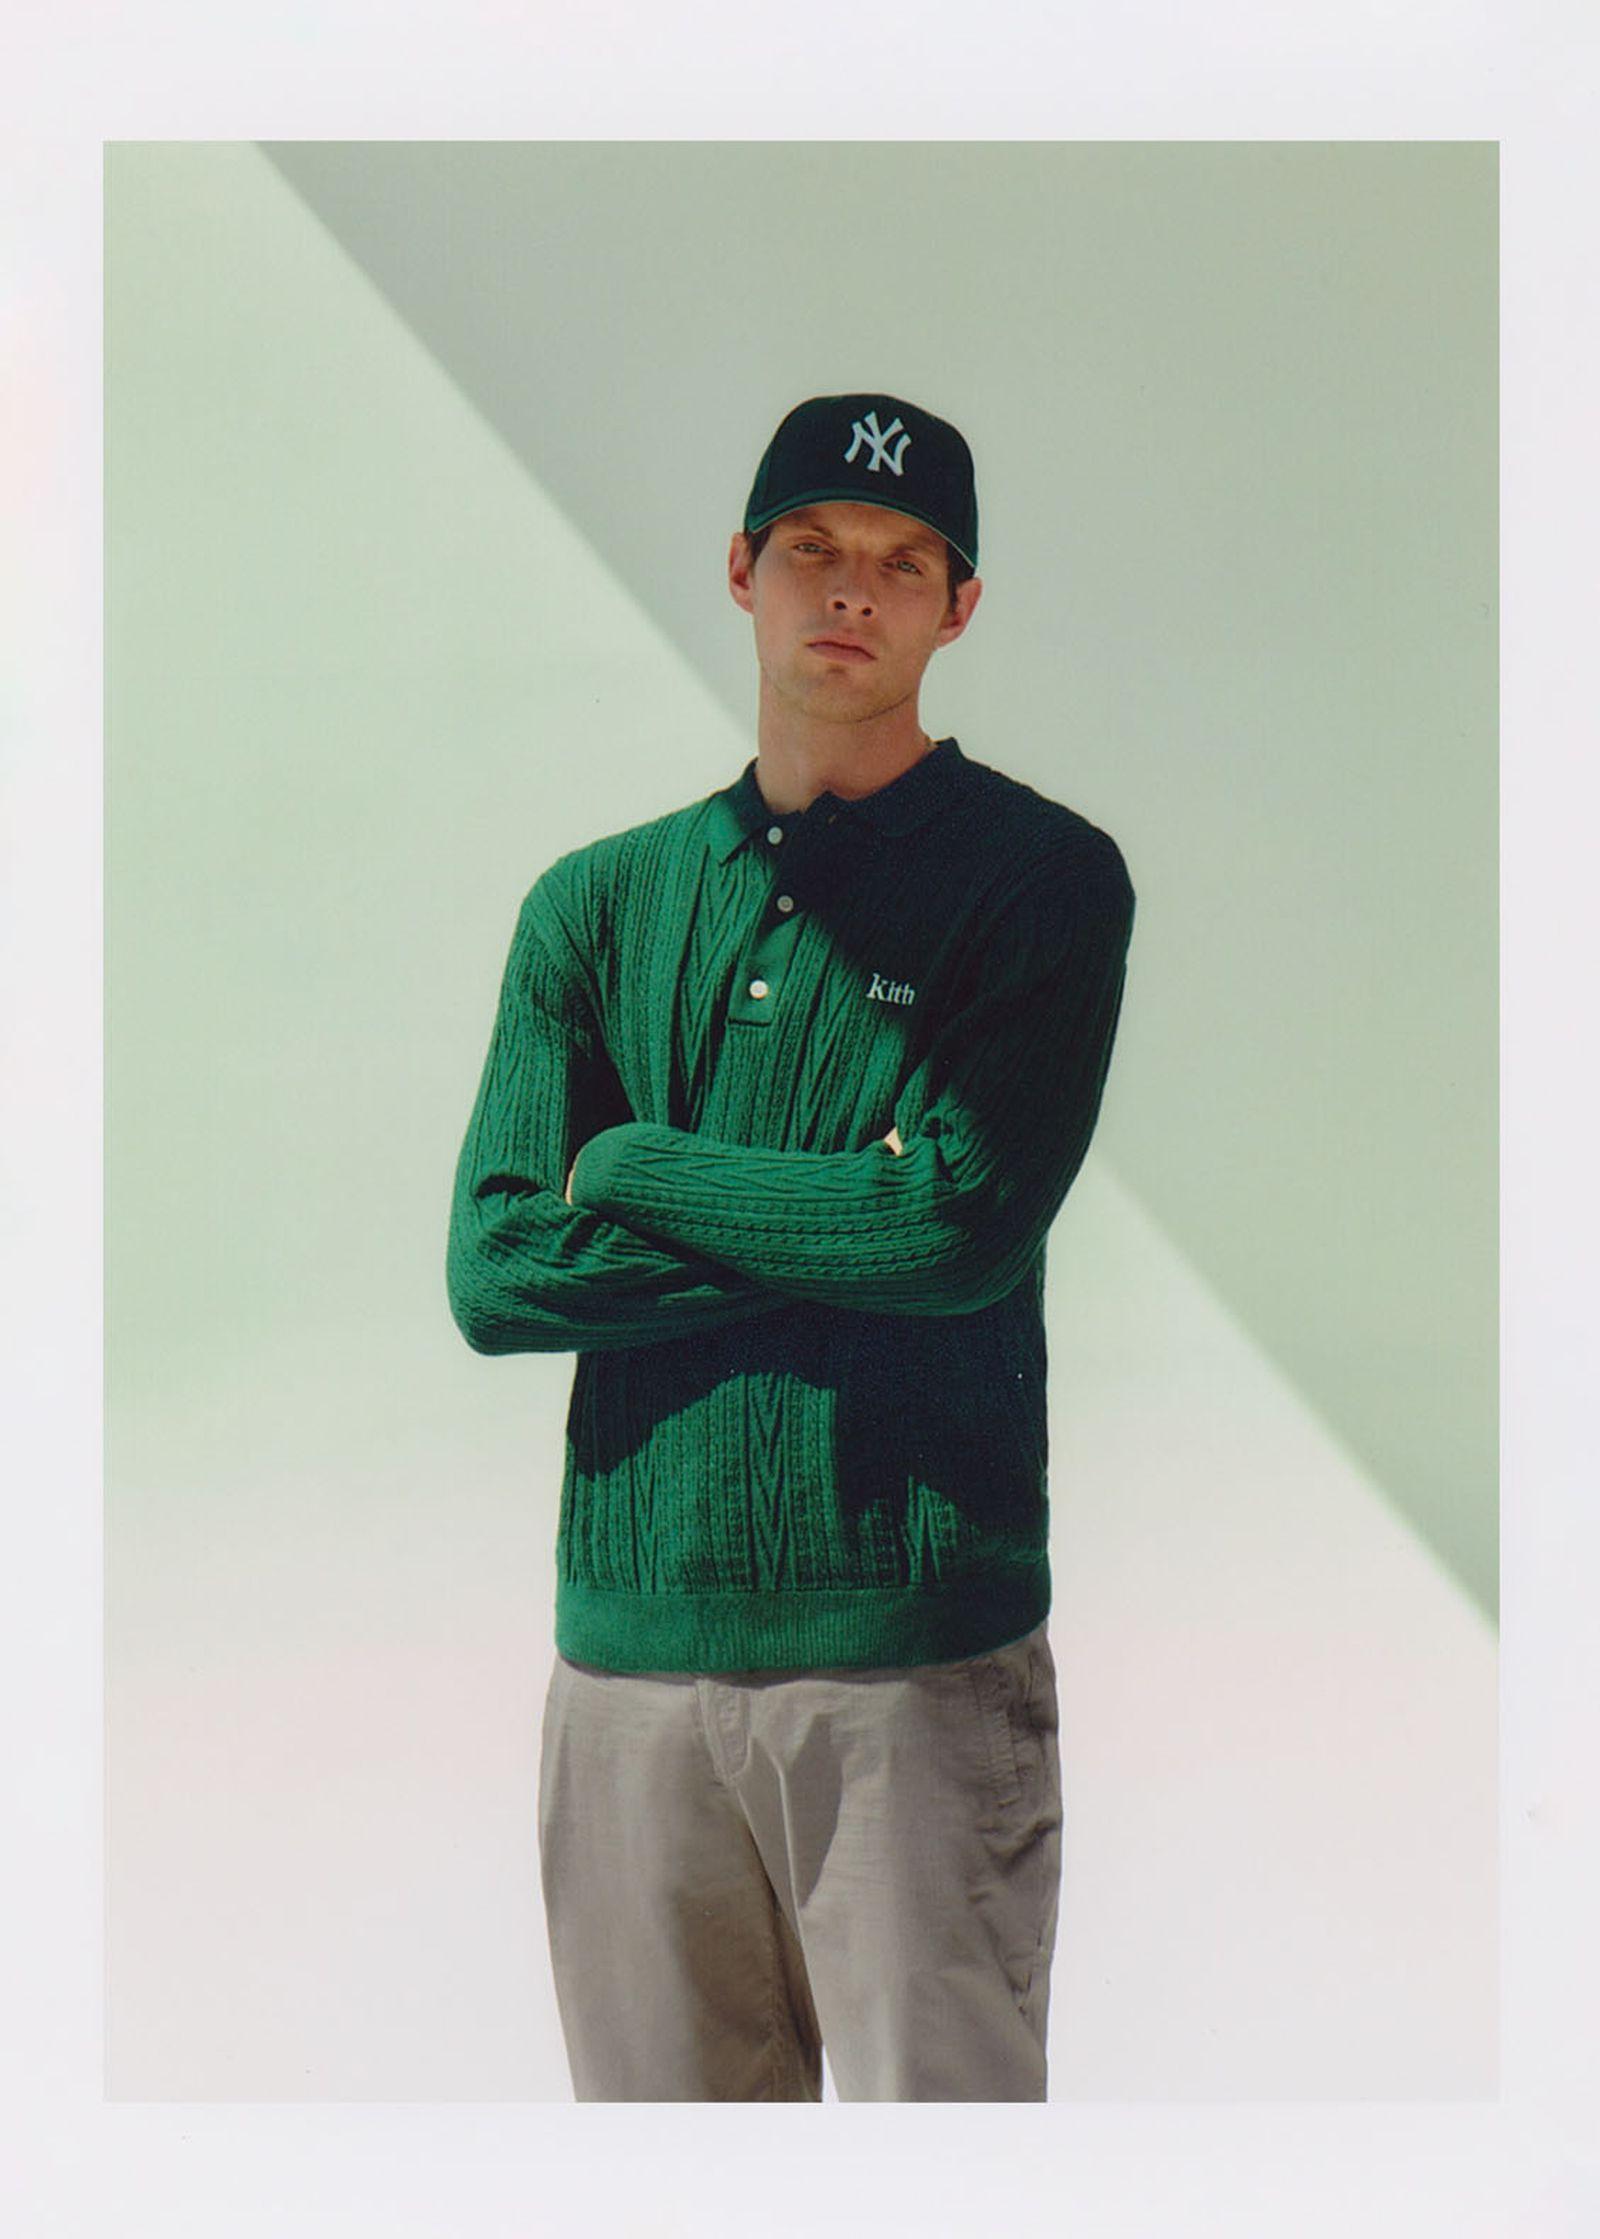 ronnie-fieg-clarks-originals-8th-street-lookbook-17